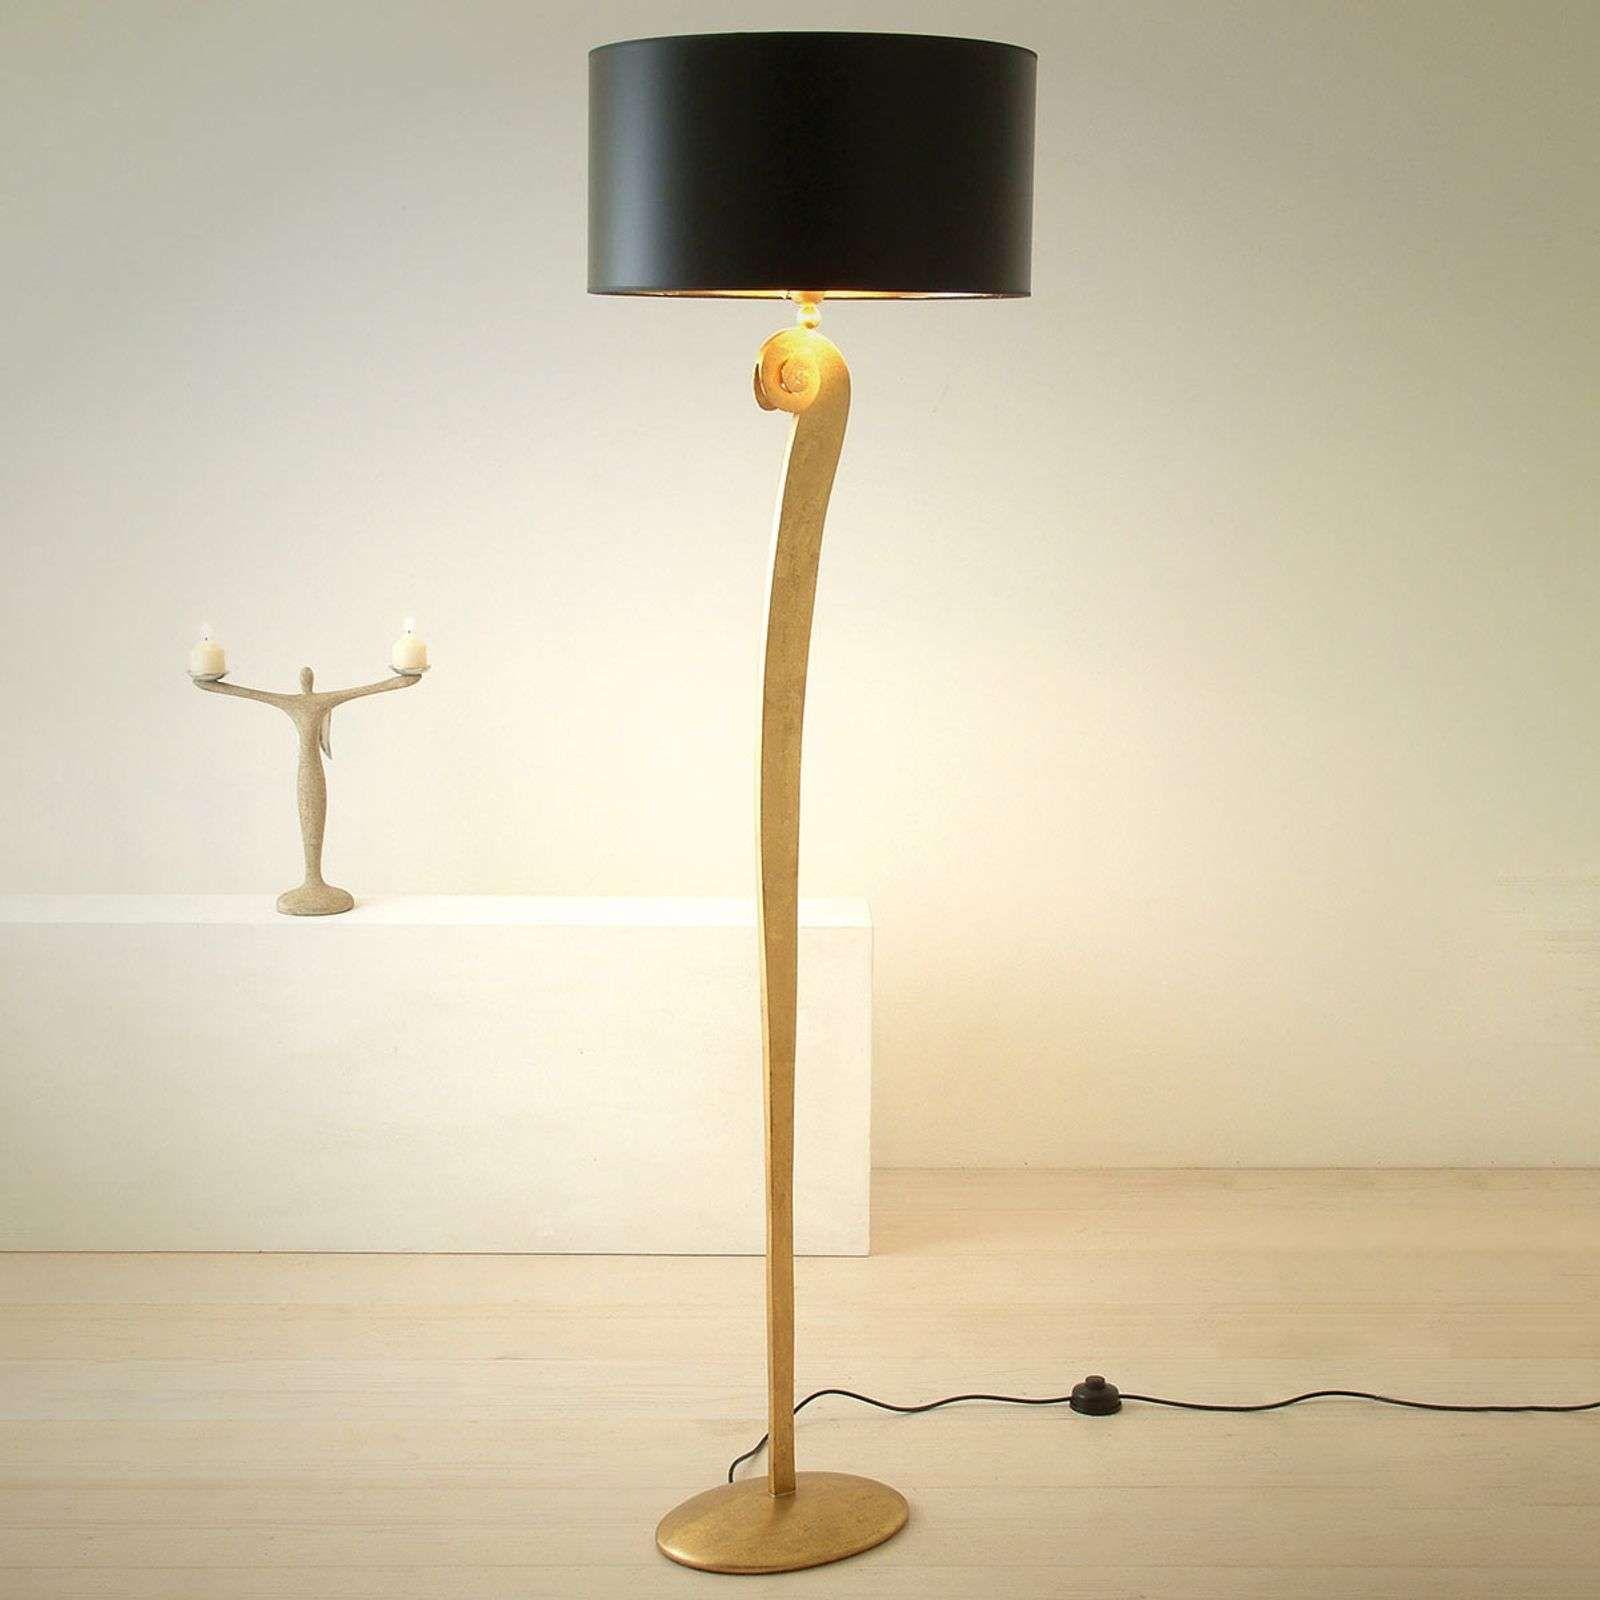 Stehlampe 3 Beine Stehlampe Grau Weiss Stehlampe Mit 2